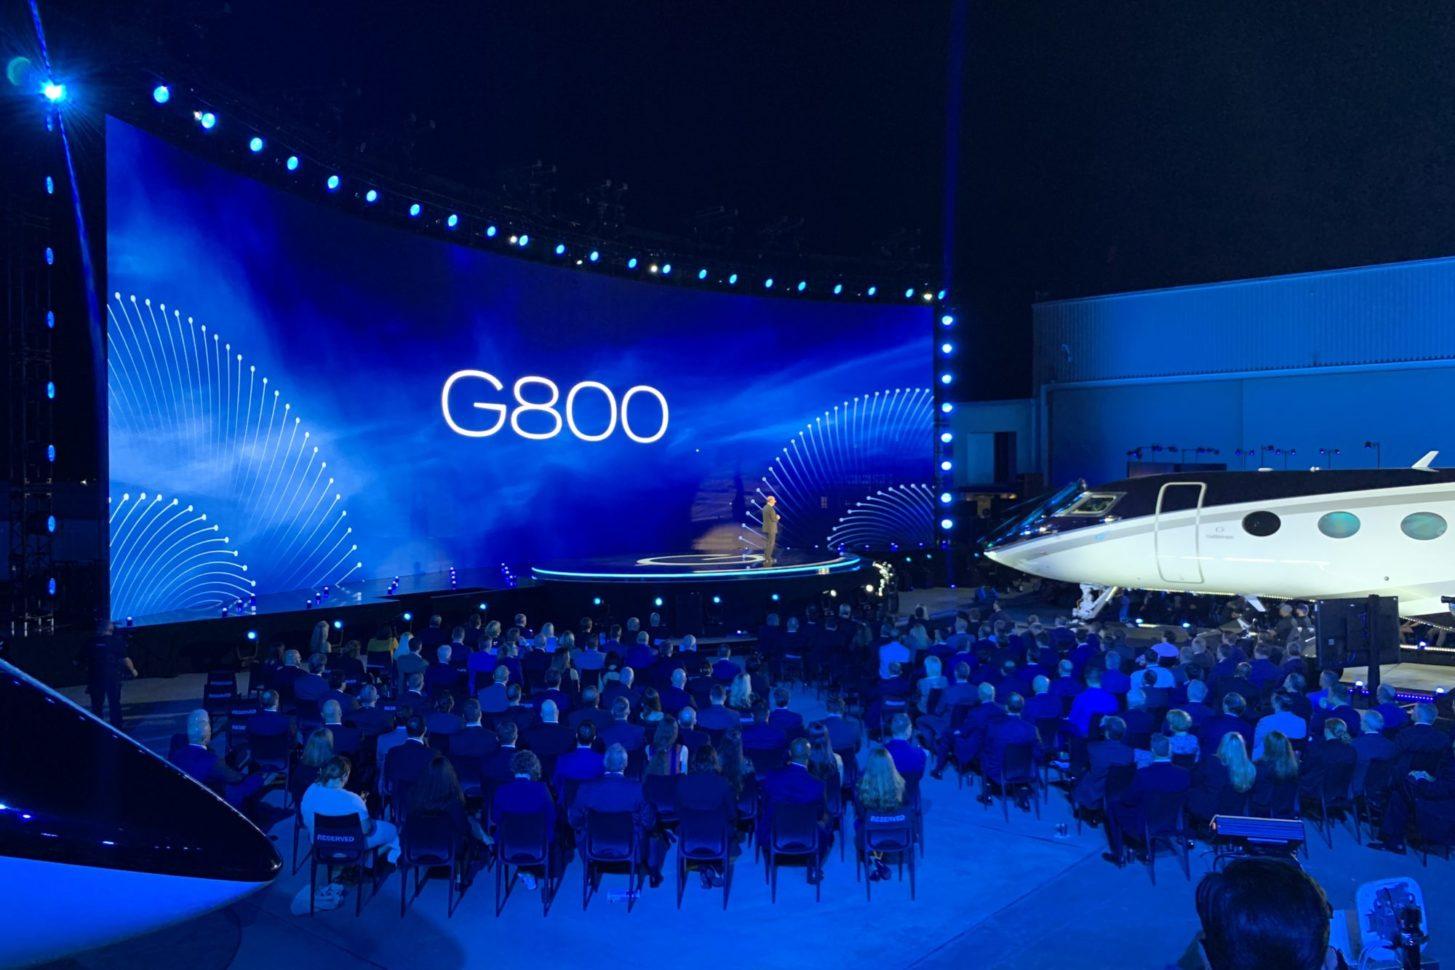 G400 und G800: Zwei neue Modelle für Gulfstream